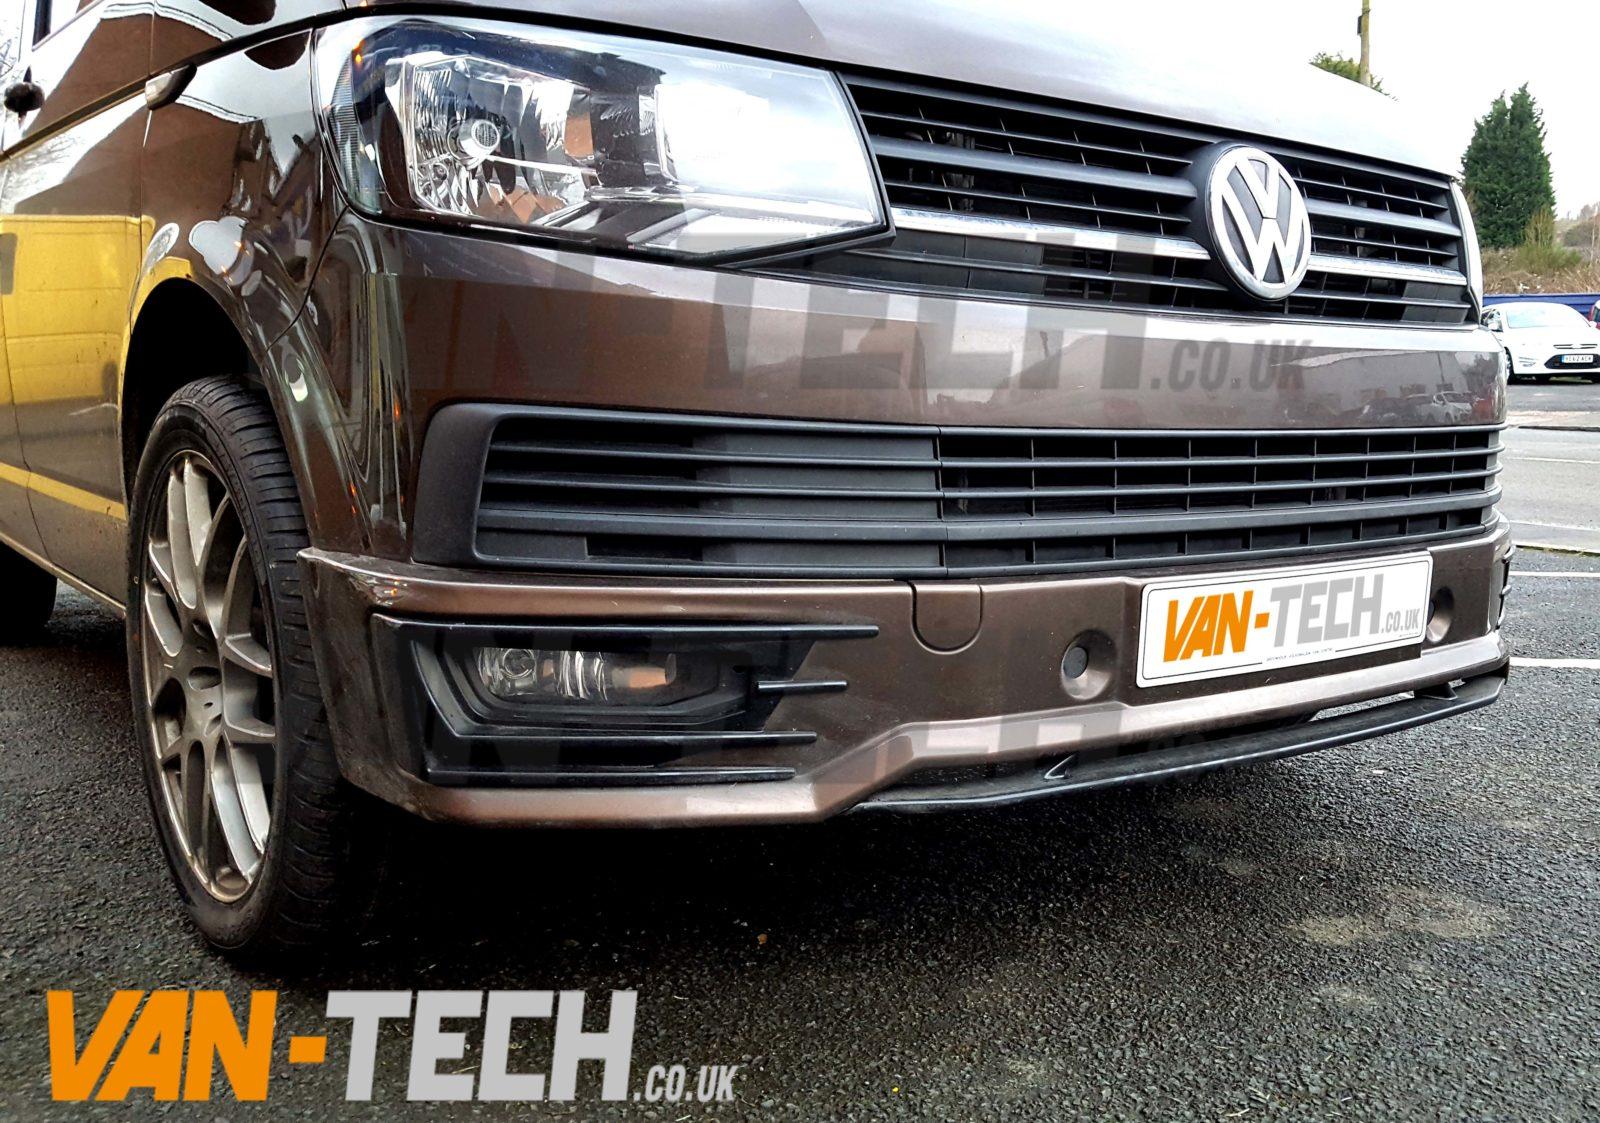 VW Transporter T6 Sportline Front Lower Bumper Spoiler   Van-Tech